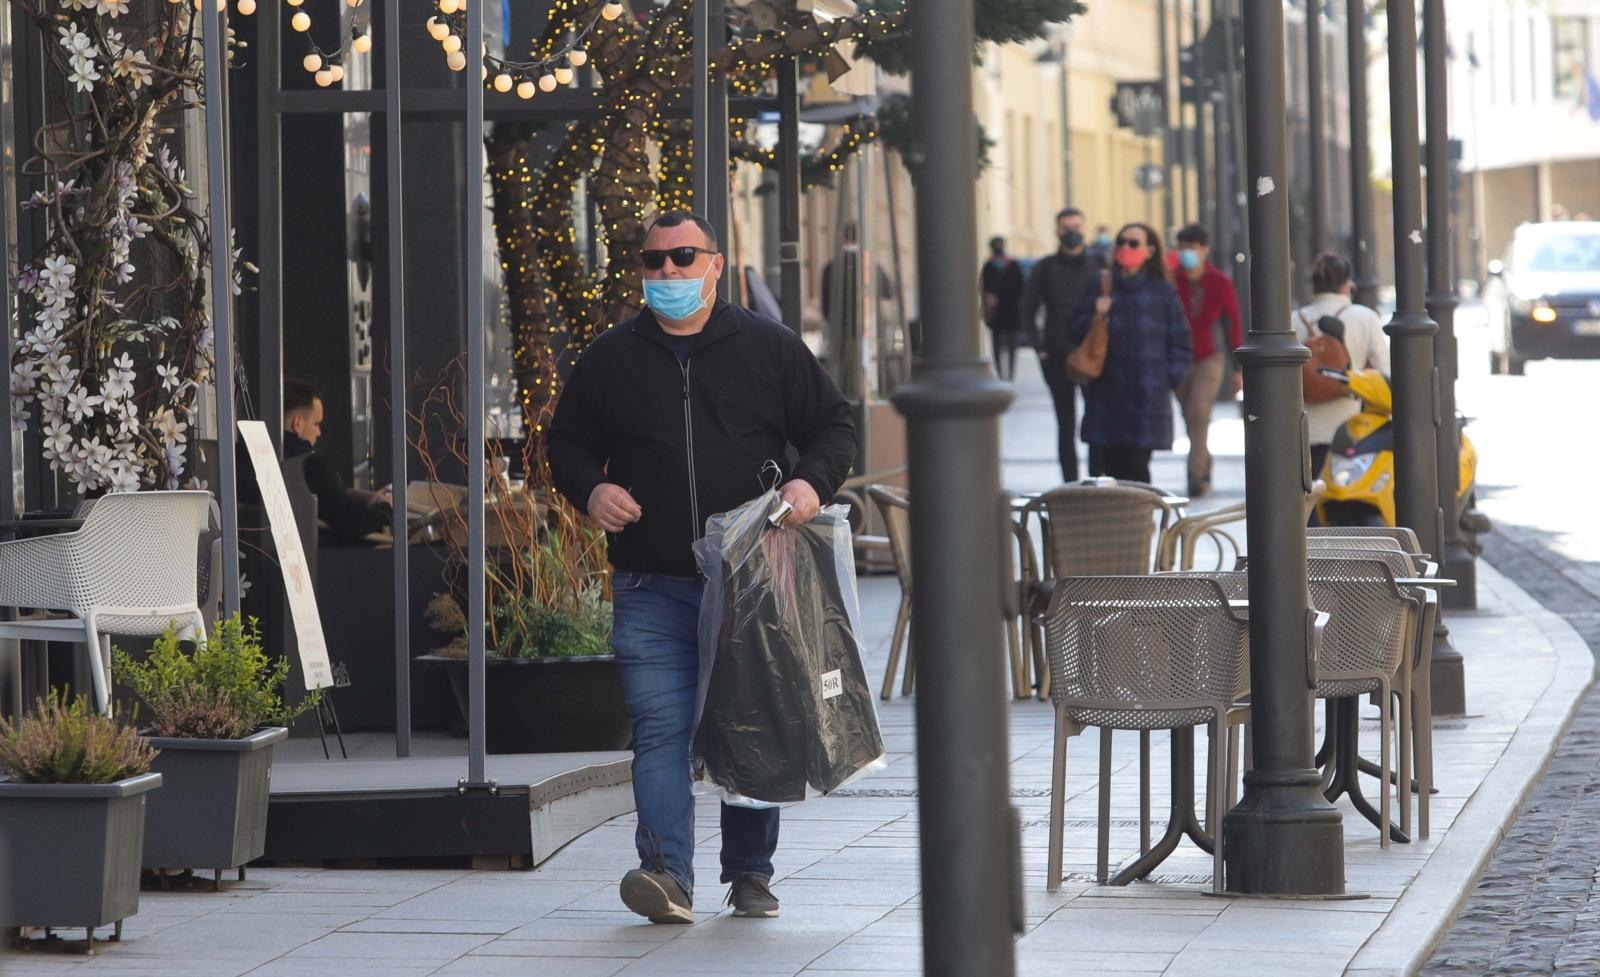 Svarbiausi ketvirtadienio įvykiai: rūkymas balkonuose, viruso plitimas, trylikta pensija